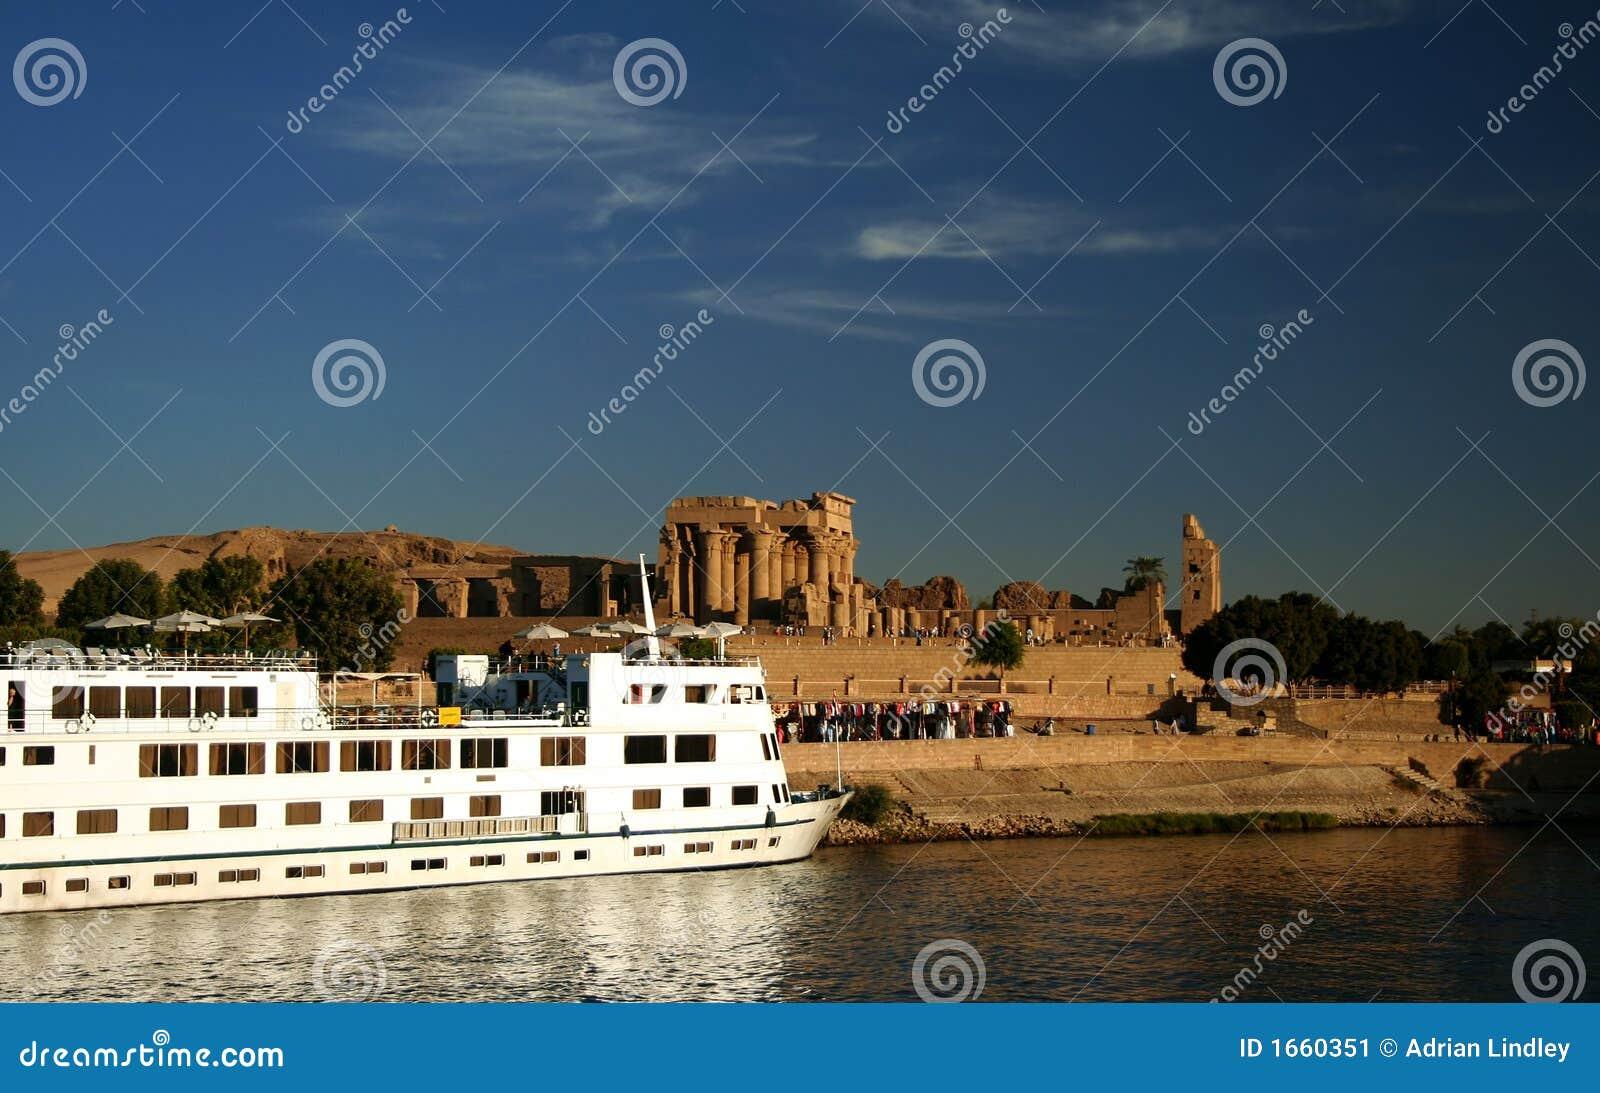 Nile Cruise Boat at Kom Ombo